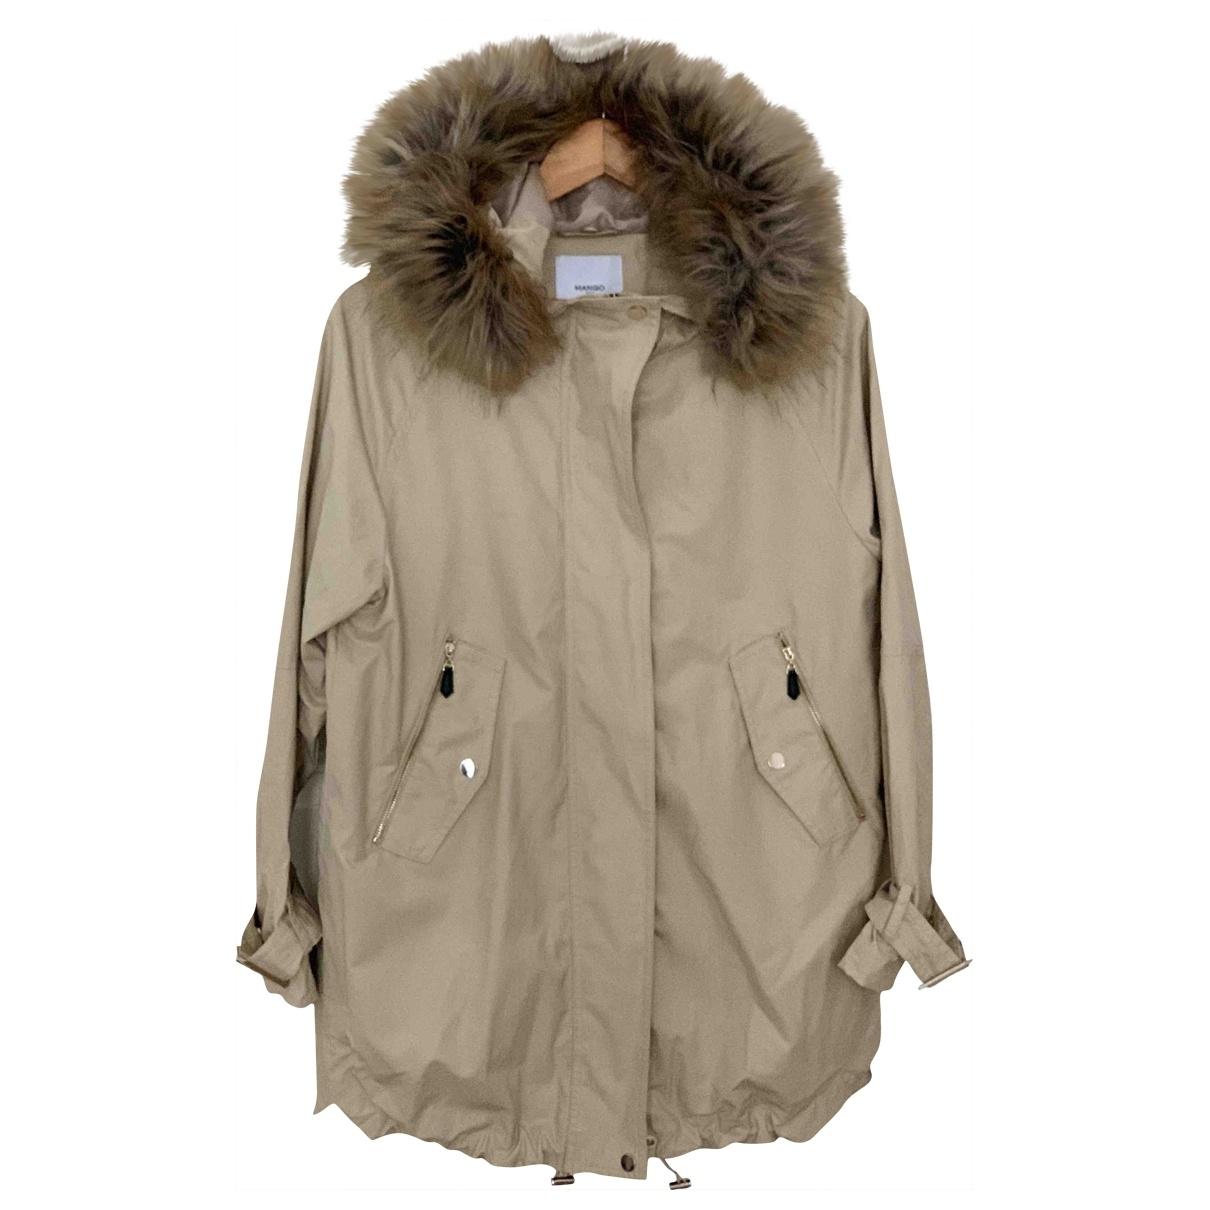 Mango - Manteau   pour femme - beige